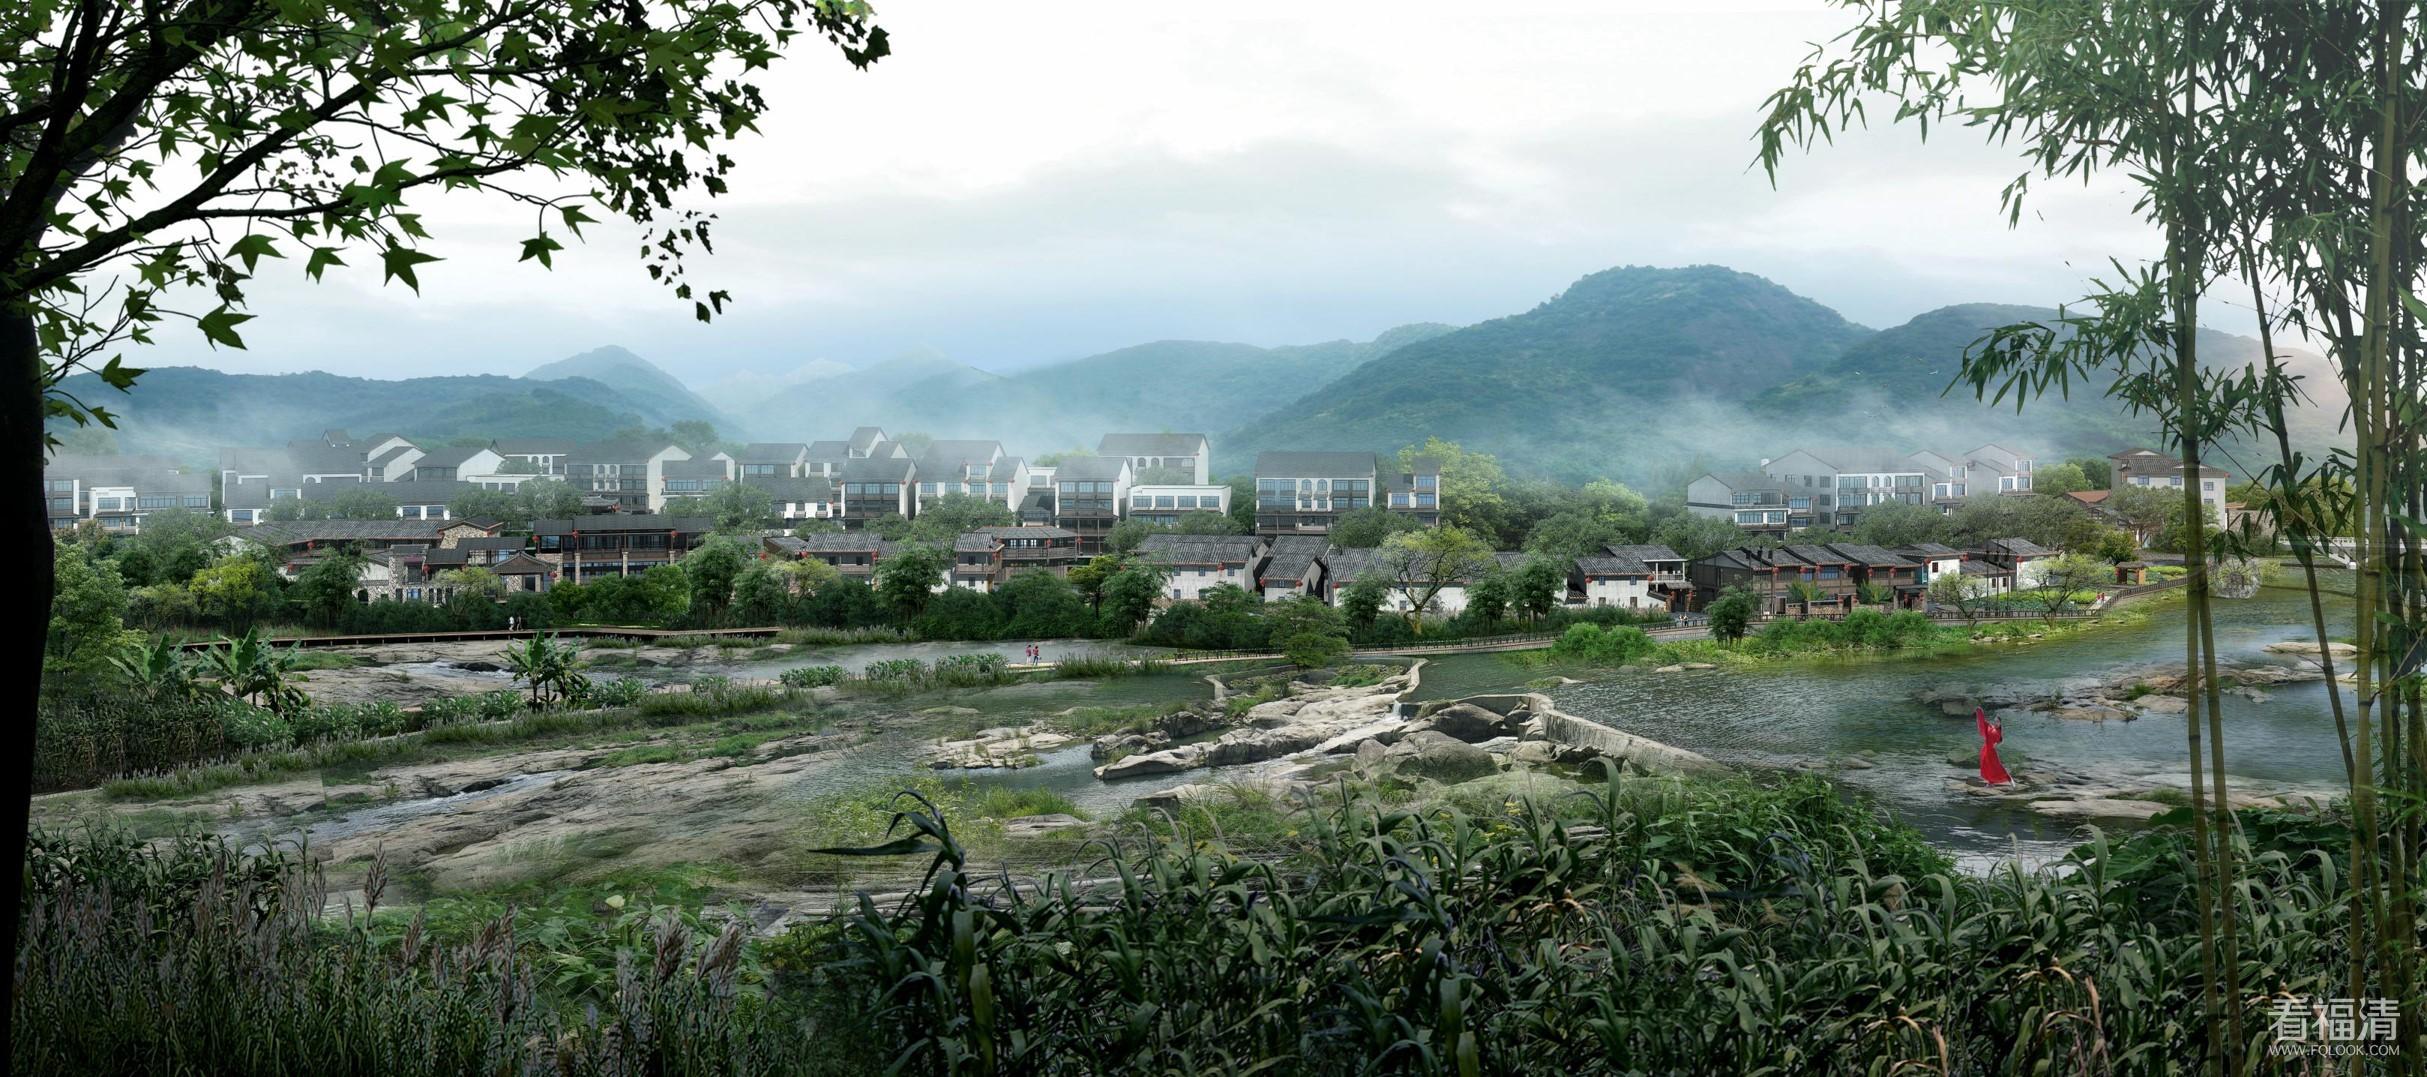 福清市一都镇新规划的效果图(好像都还没发过)